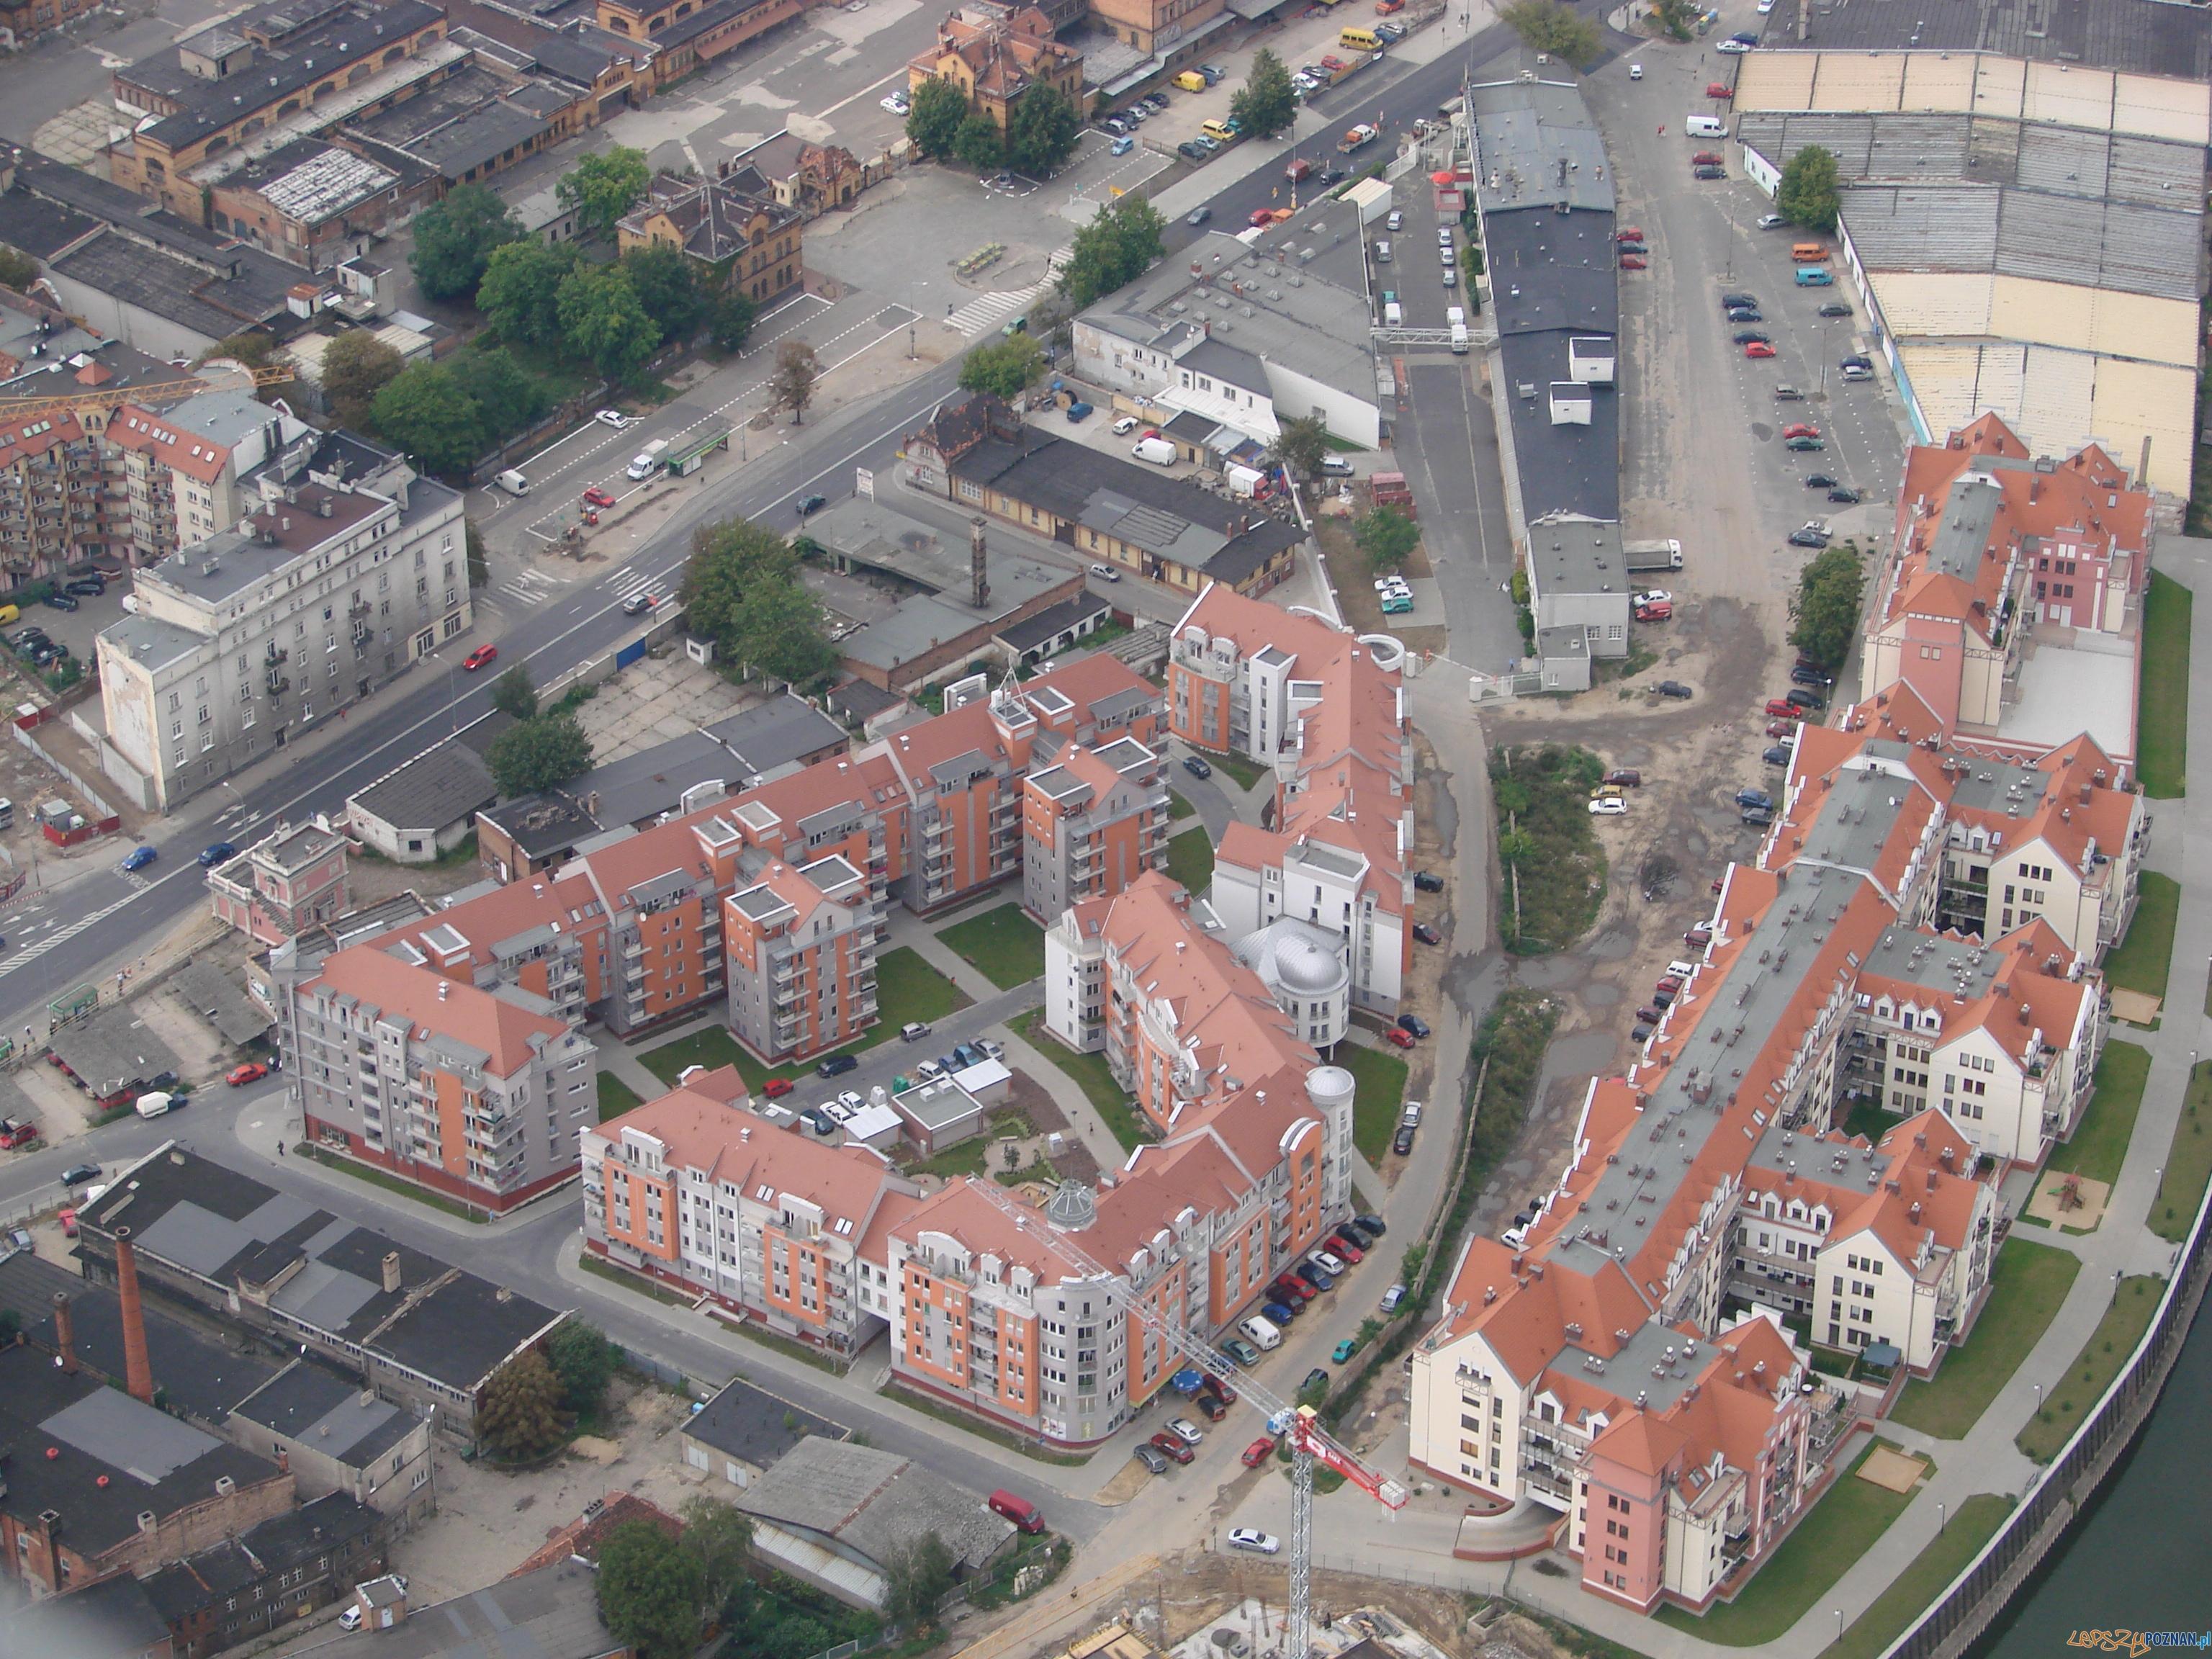 Osiedle TBS przy ulicy Szyperskiej / Piaskowej  Foto: